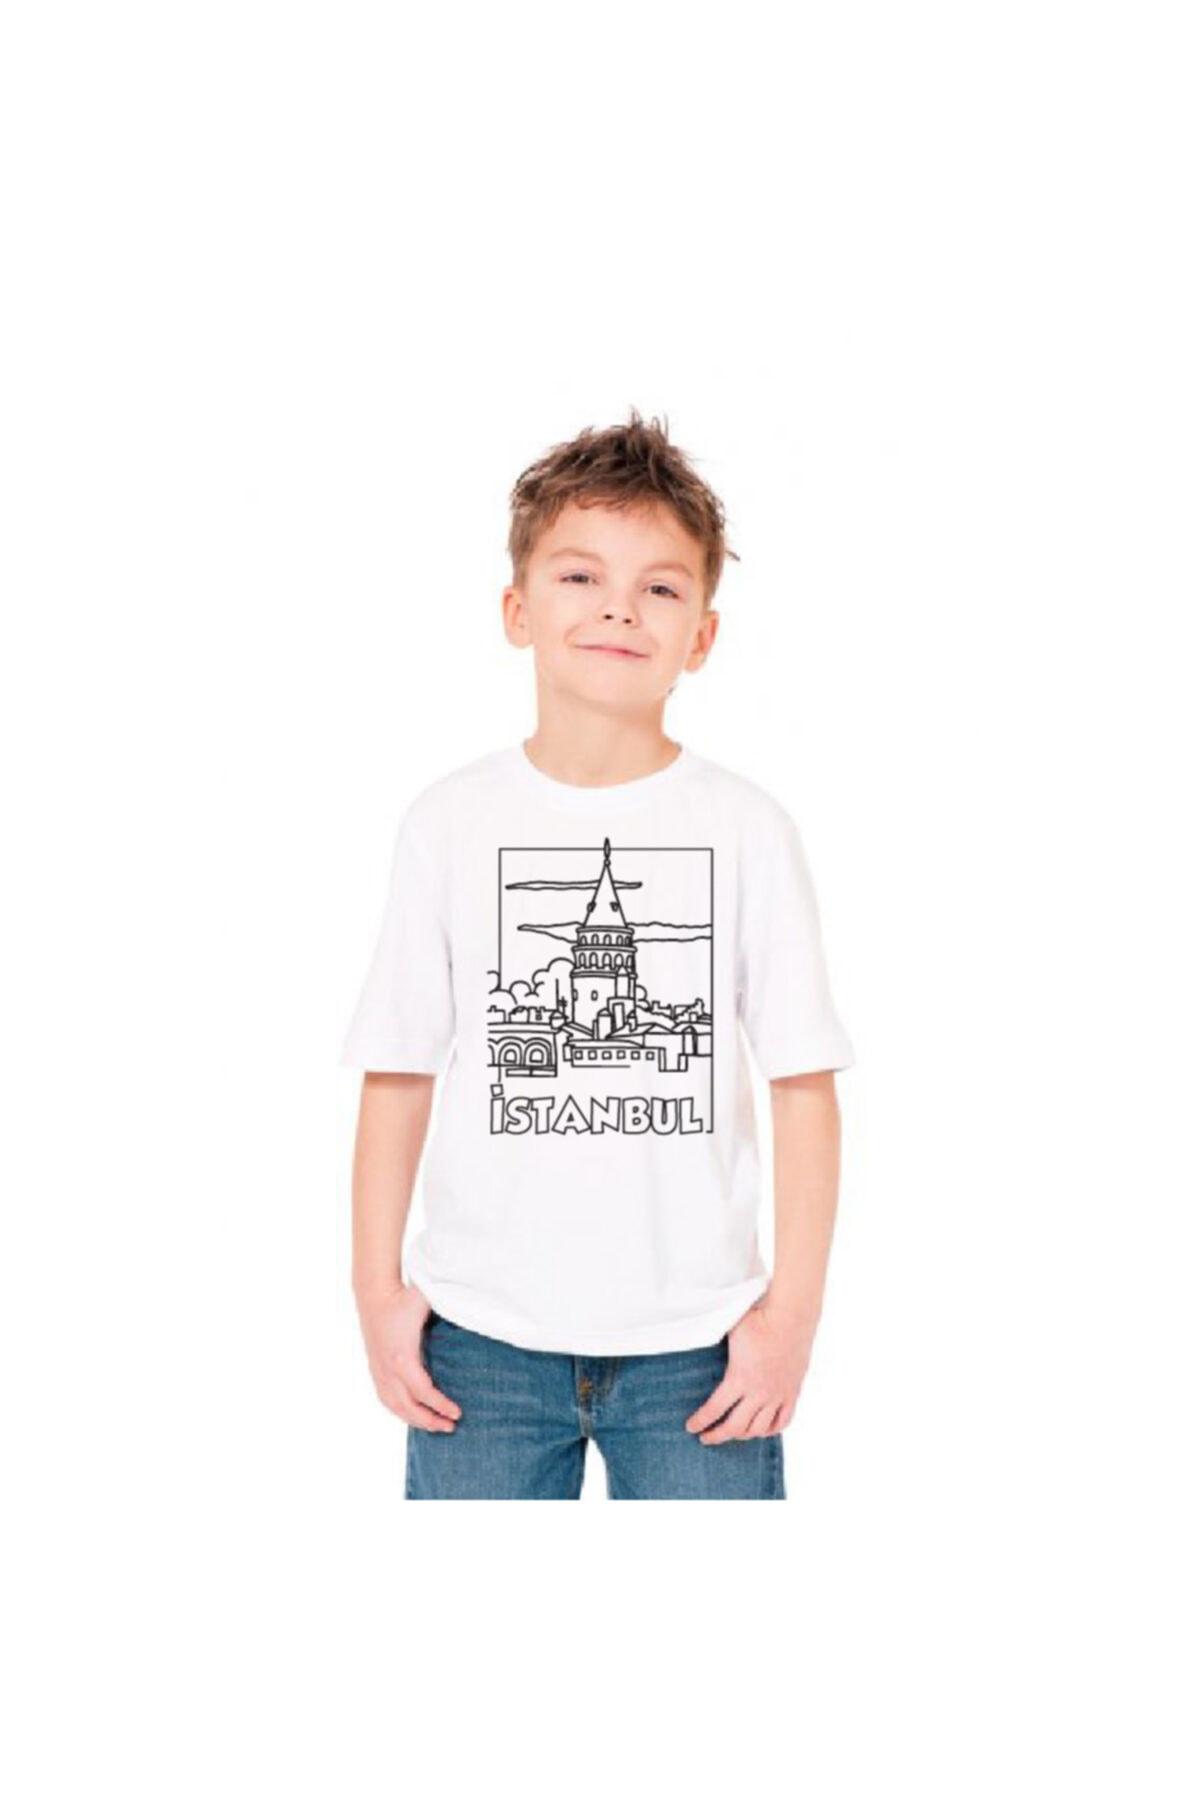 paint-wear Galata Kulesi Boyama T-shirt 9-11 Yaş 2